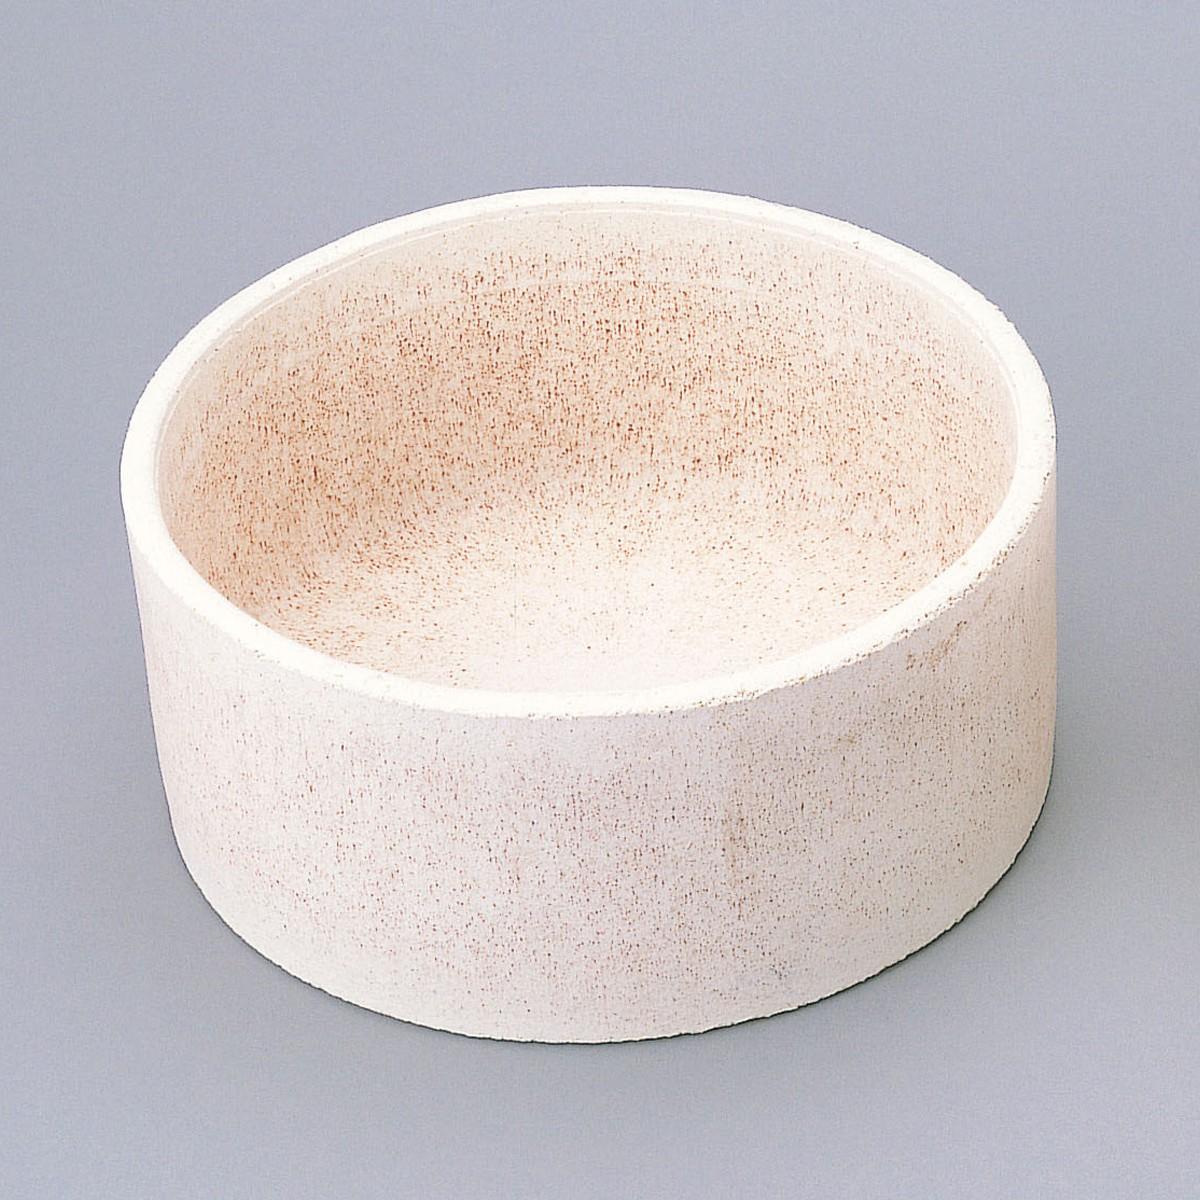 サヤ鉢 丸 2個組 底付き 350mmφ 【 陶芸 陶芸窯 さや 】